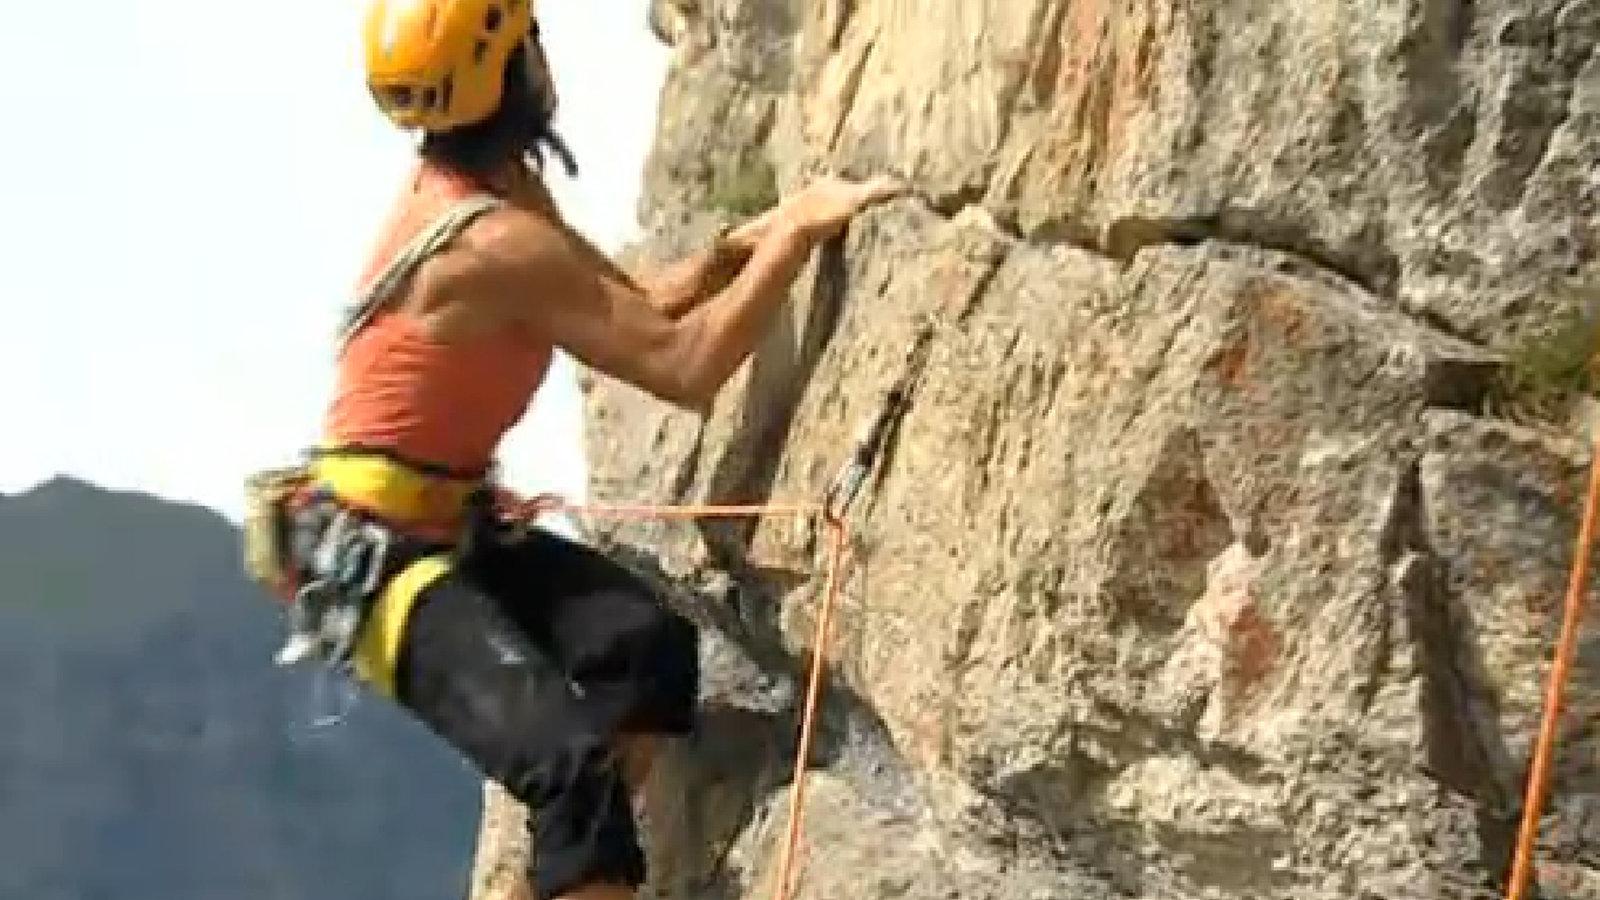 Kletterausrüstung The Forest : Kletterausrüstung leihen oder kaufen lechtal tvb